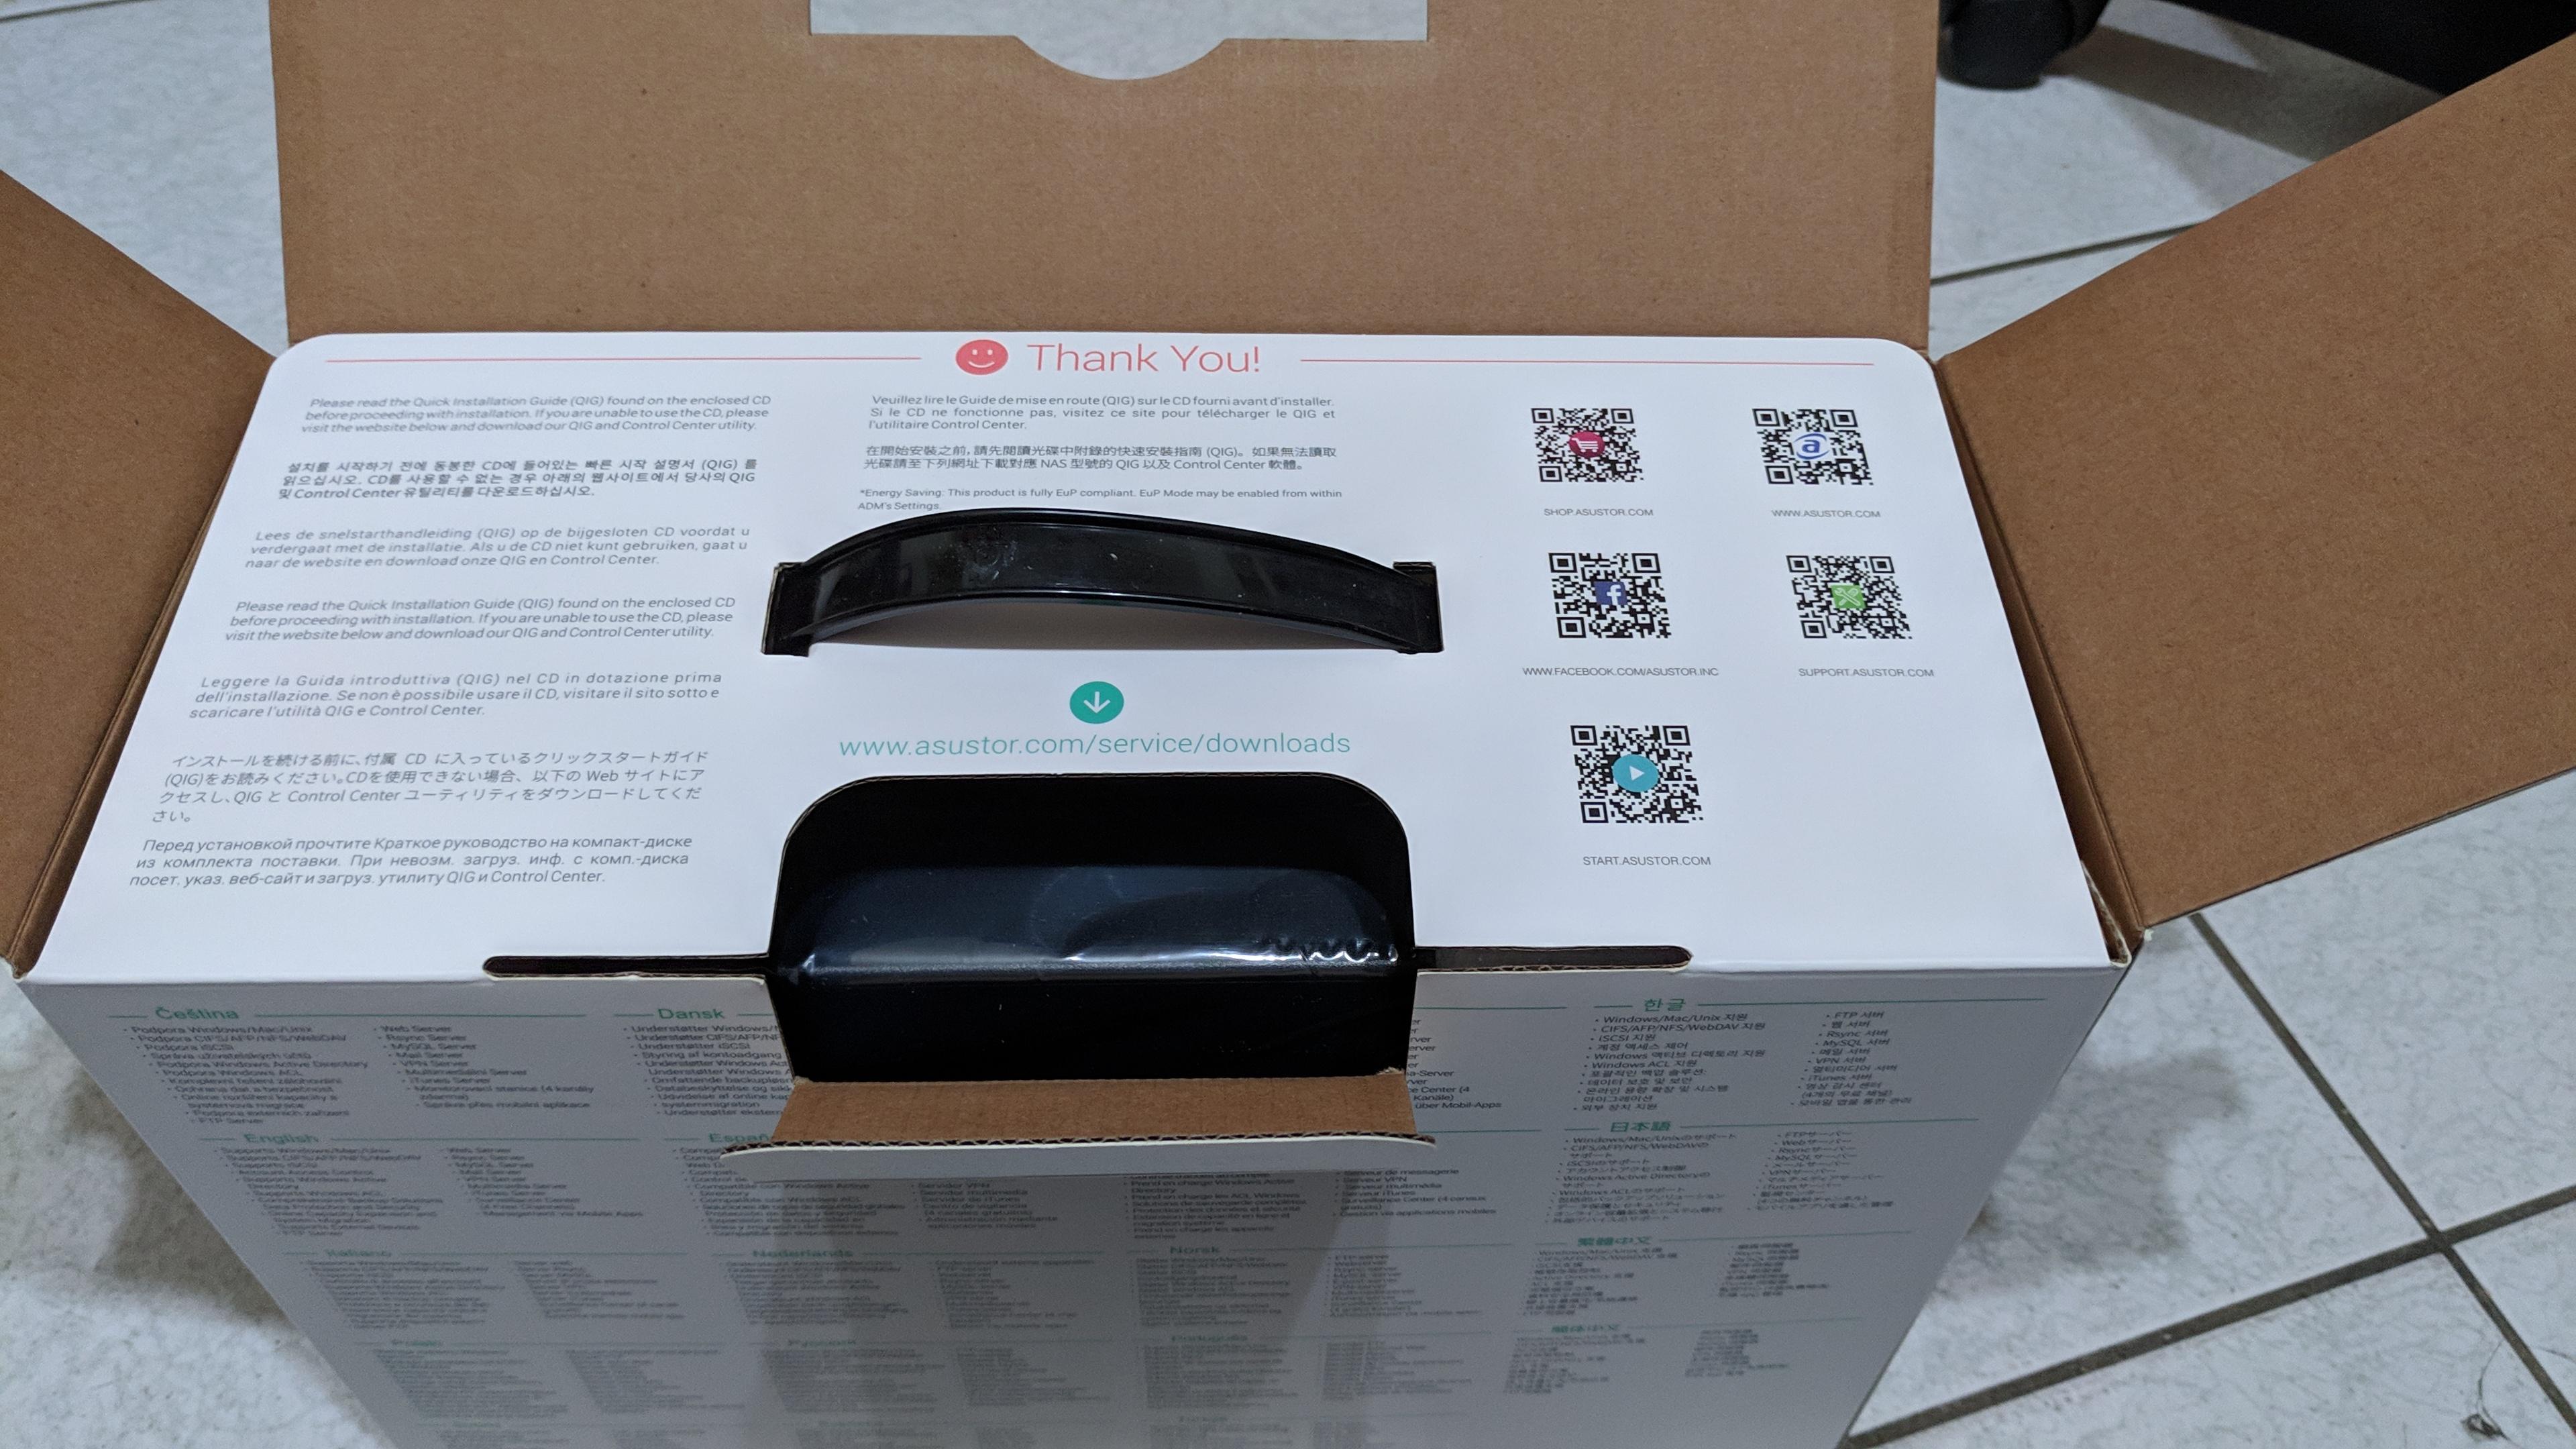 平價NAS AS1002T v2 不專業開箱測試 - Mobile01